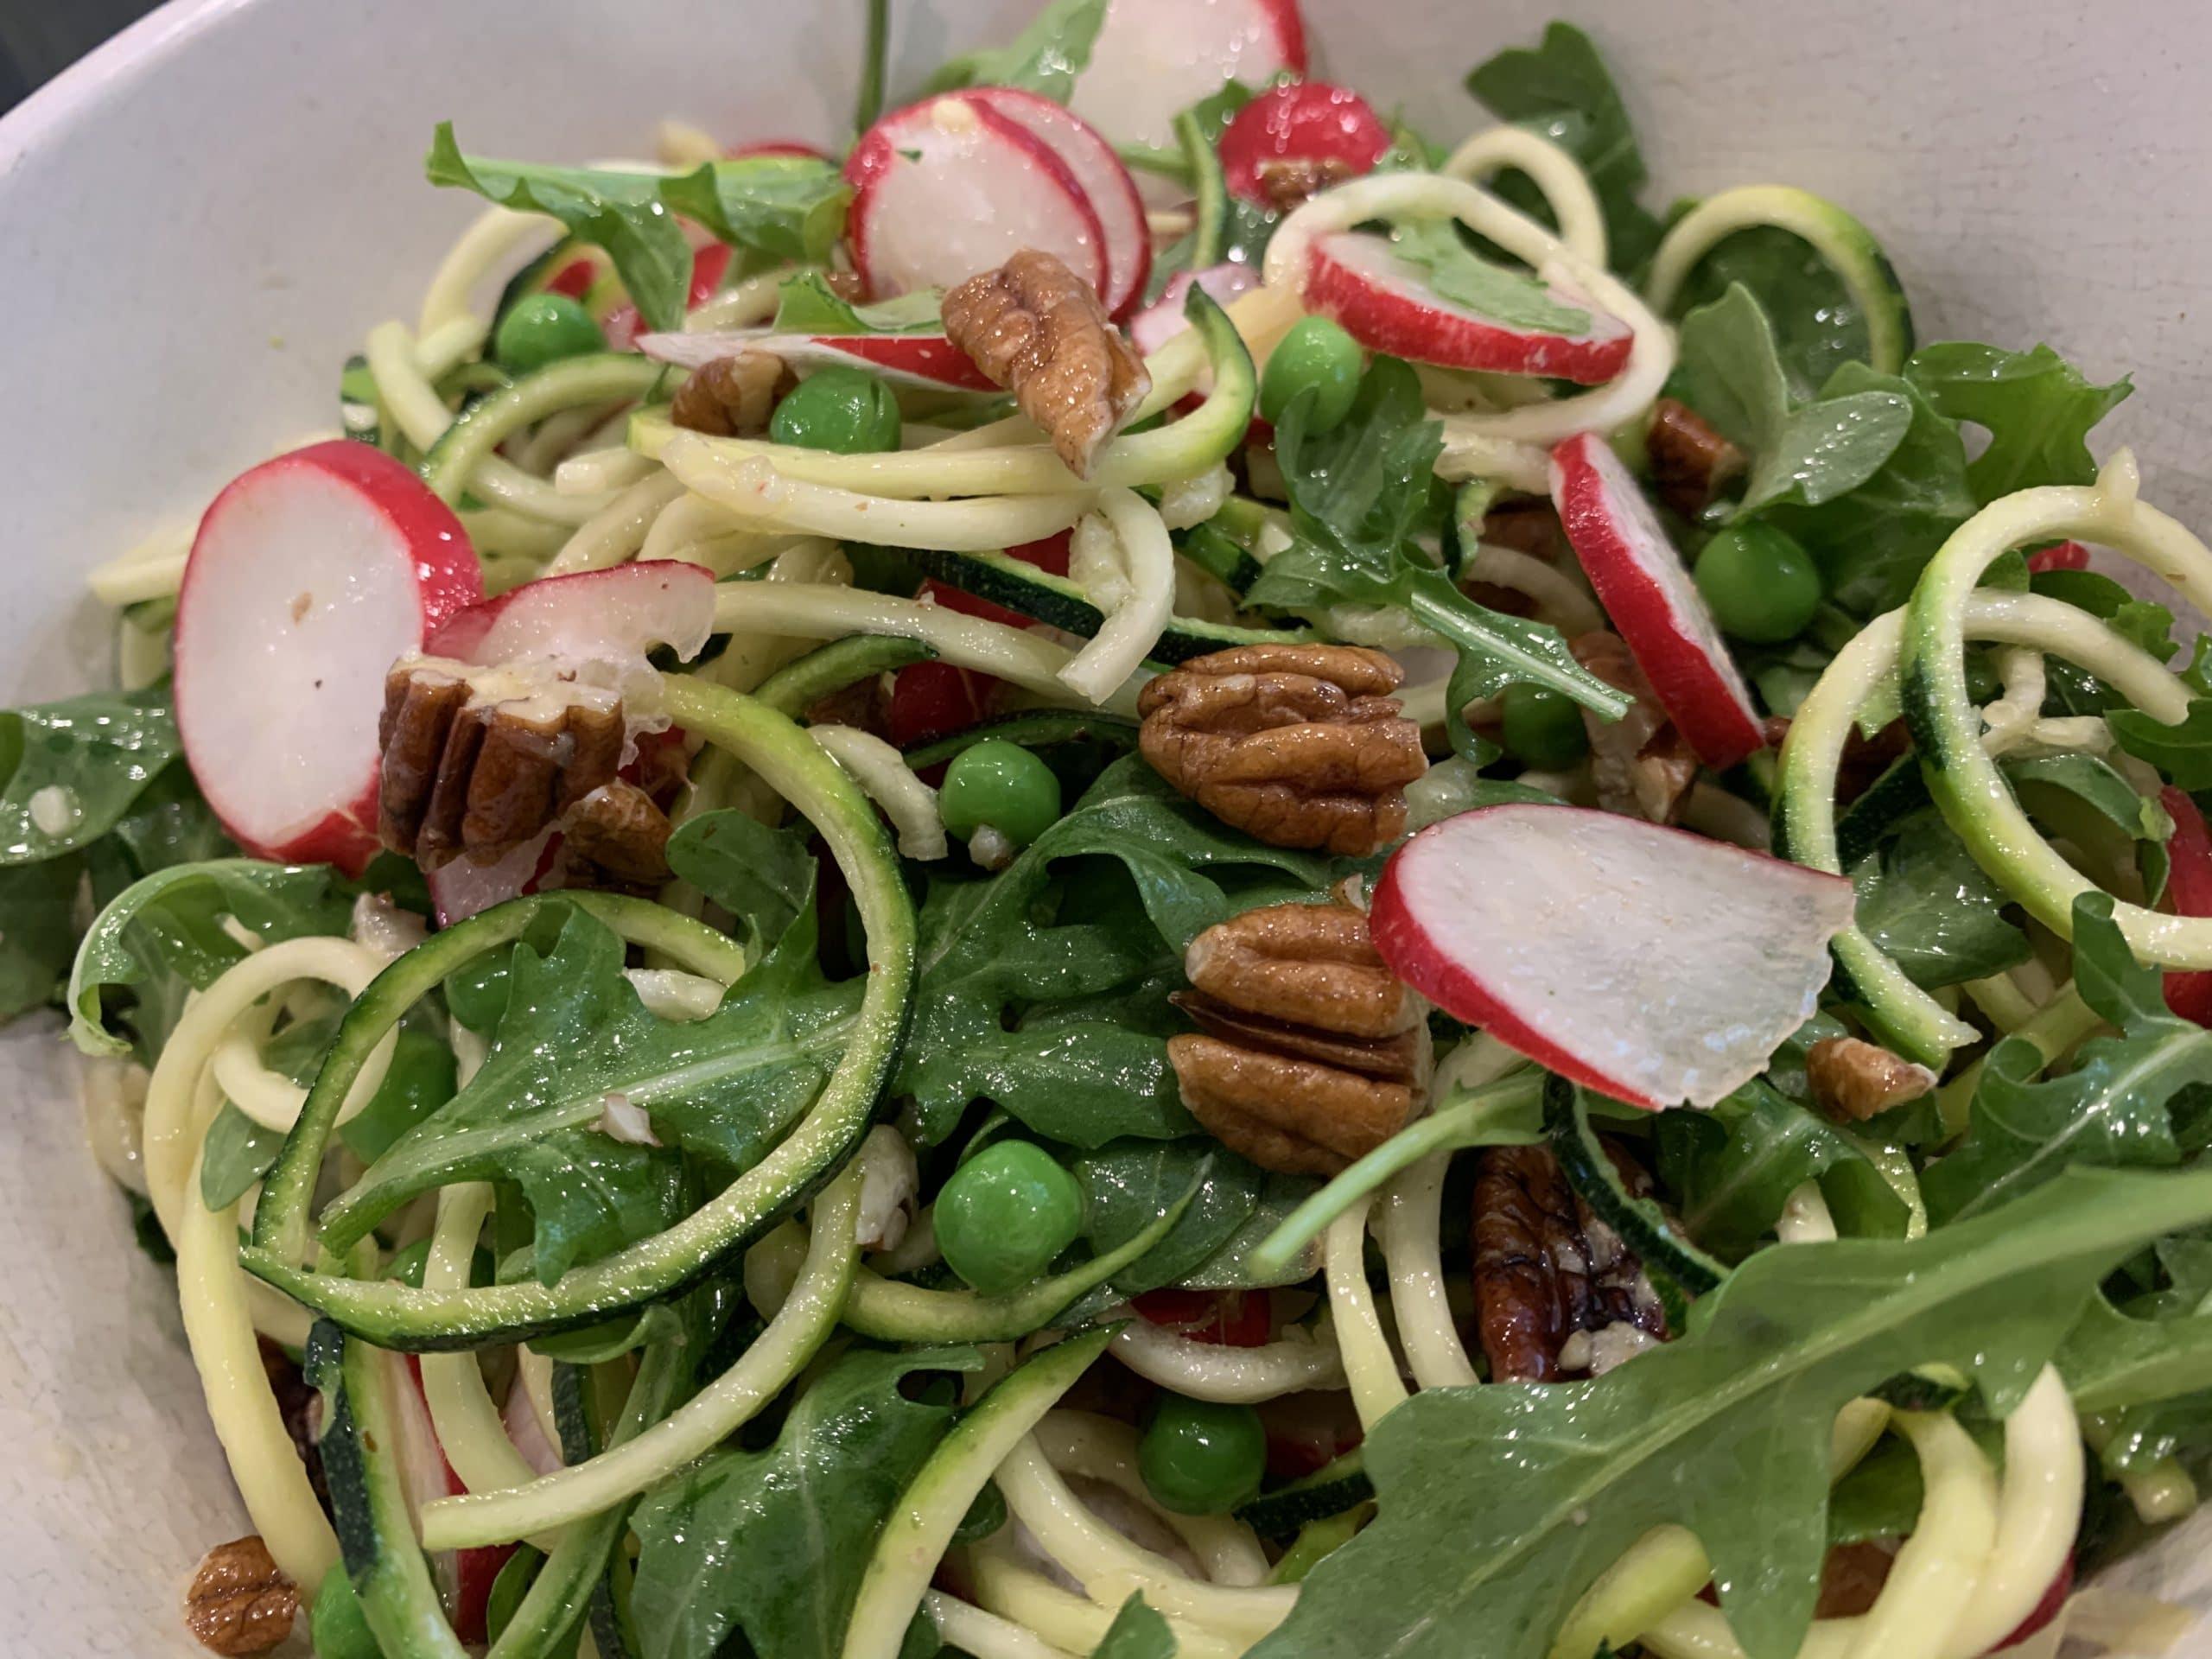 courgette, pea and radish salad